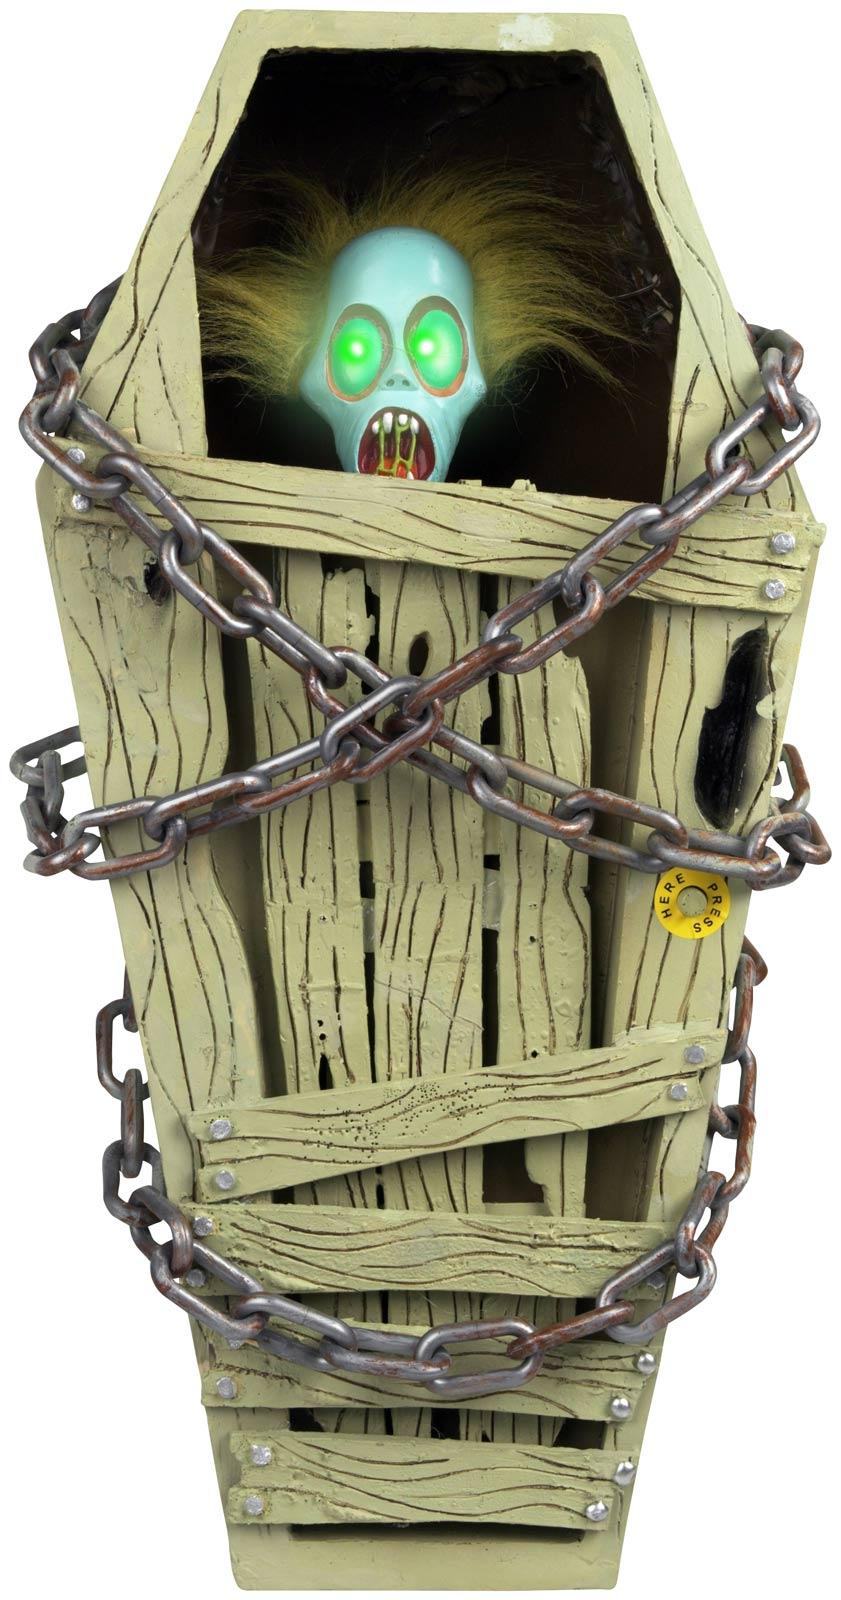 http://images.buycostumes.com/mgen/merchandiser/29335.jpg